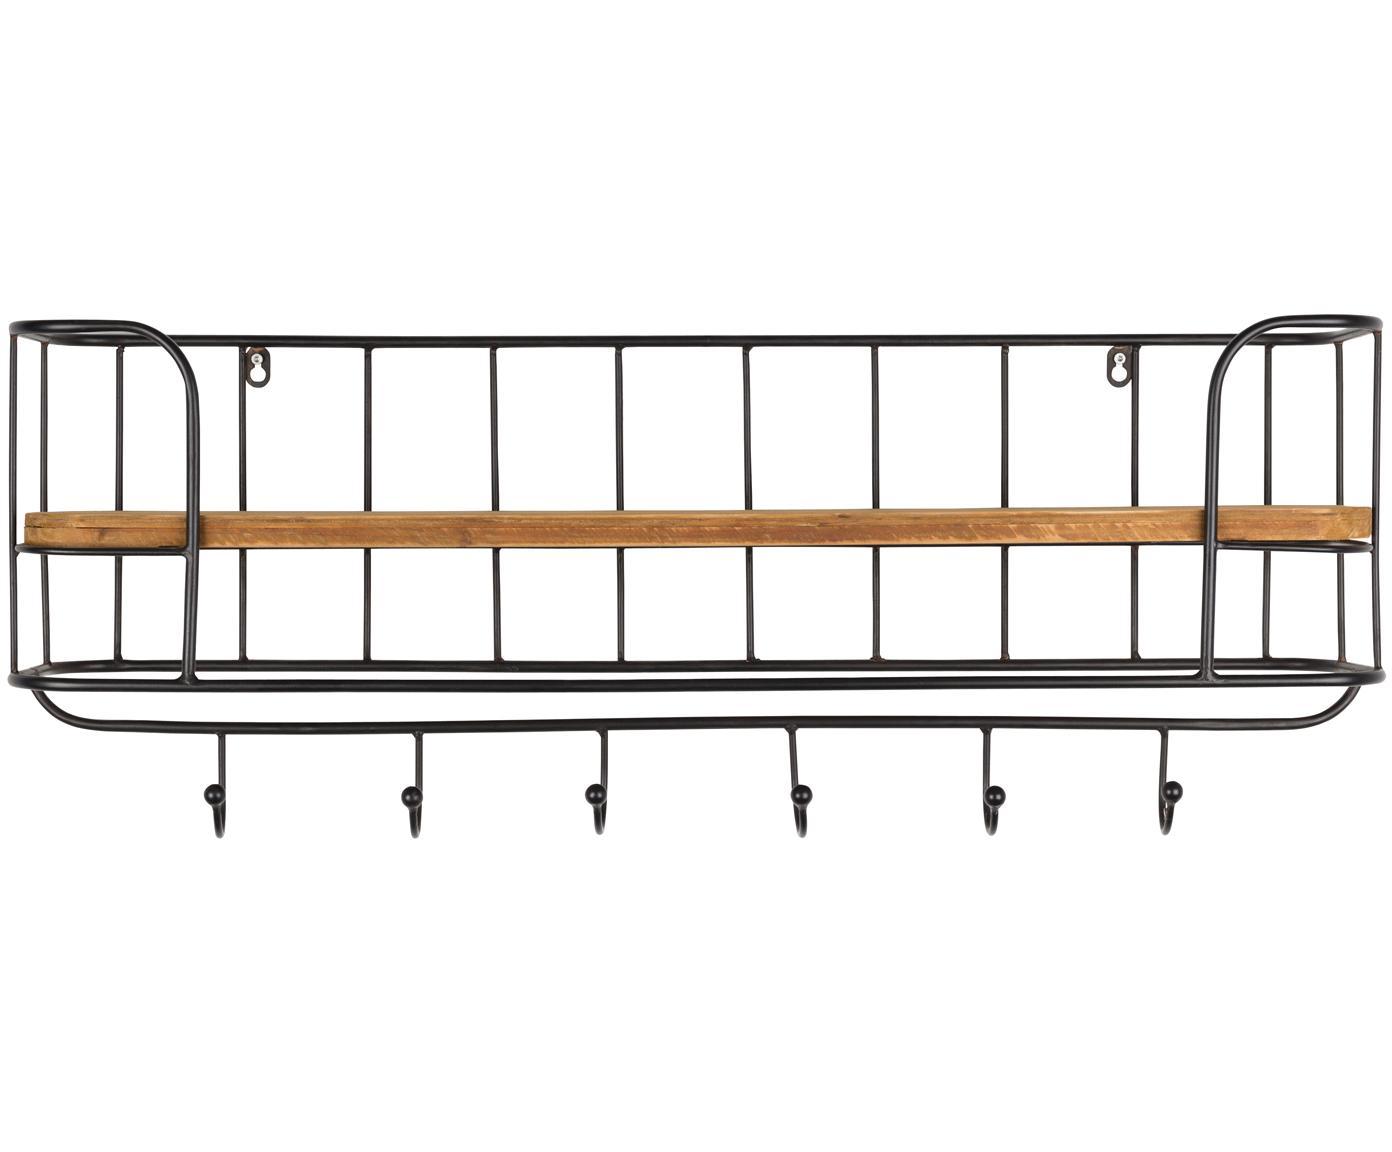 Estante de pared Stack, Estructura: metal pintado, Estante: madera, sin tratar, Negro, marrón, An 85 x Al 32 cm